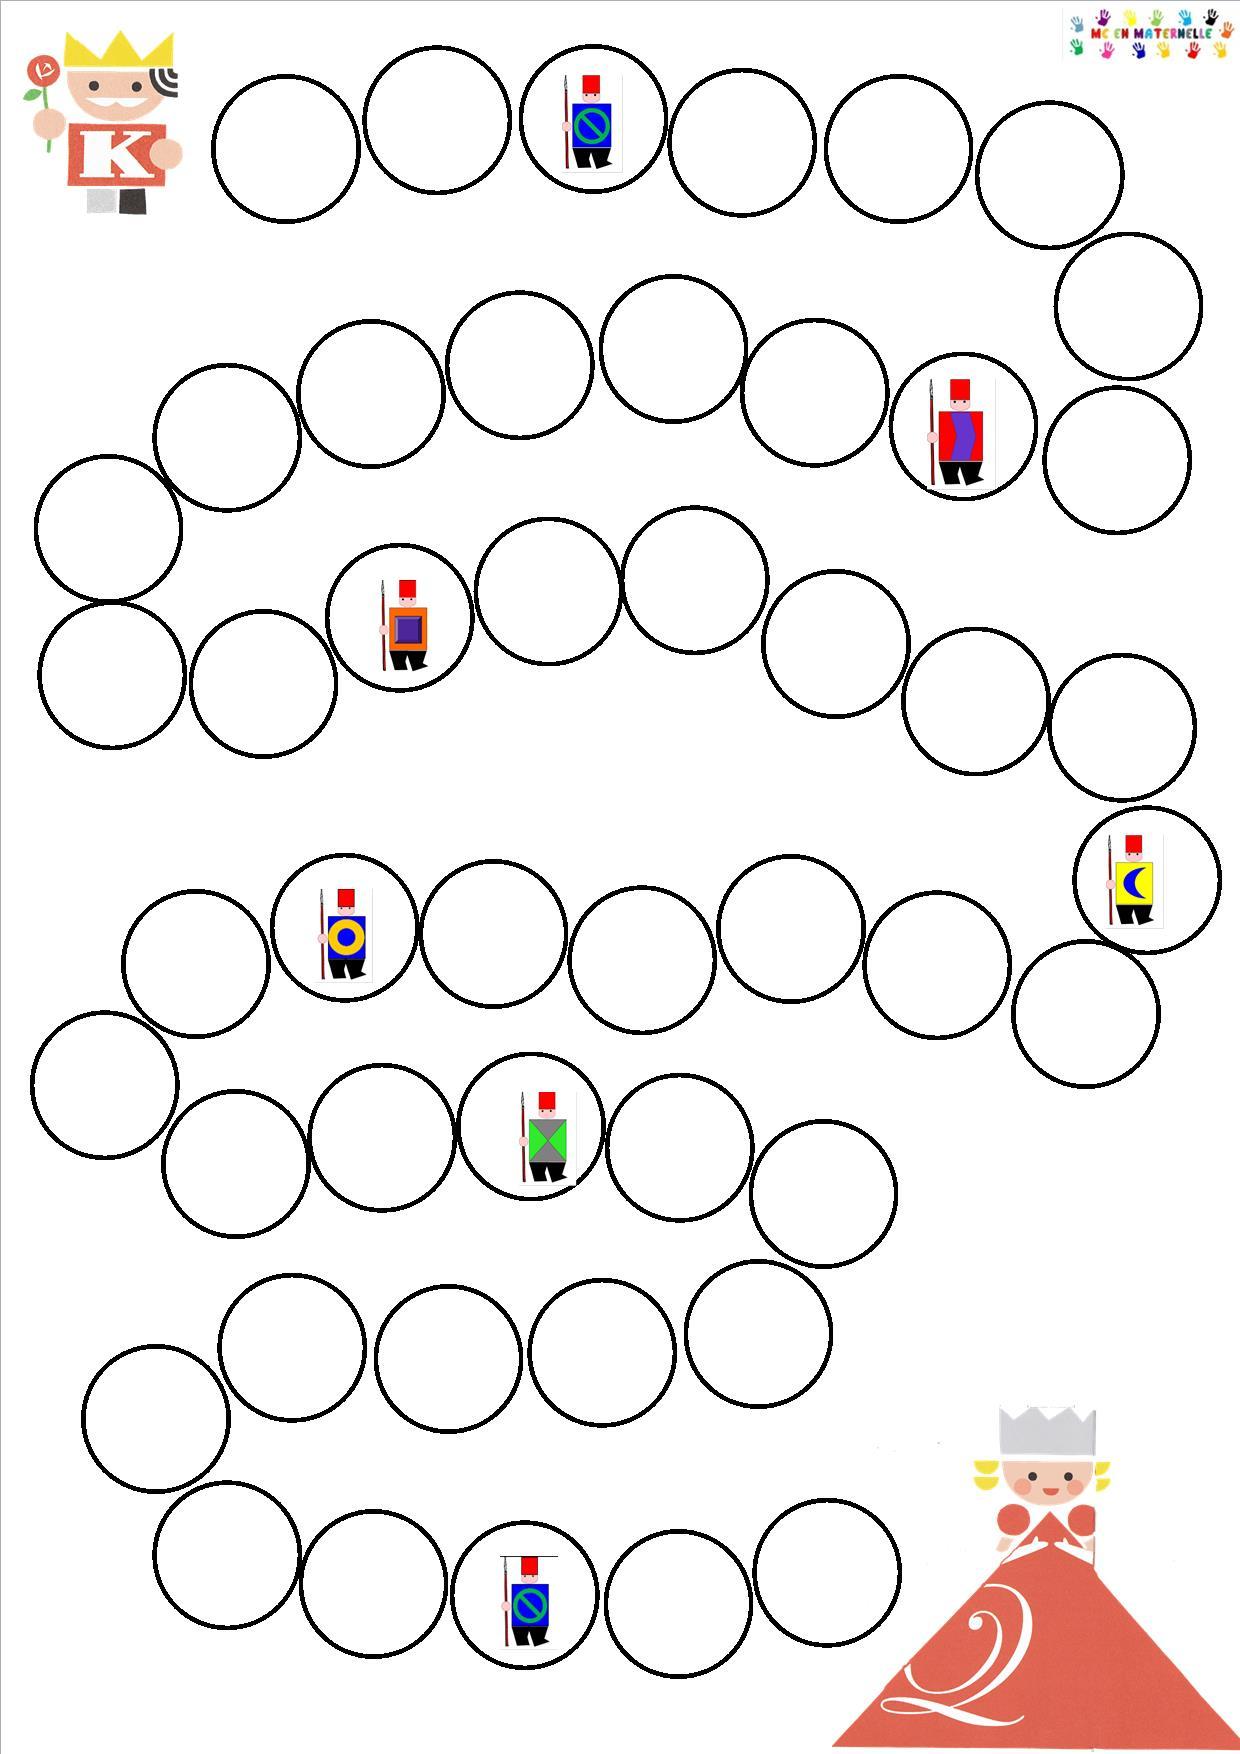 Le Tout Petit Roi : Jeu Mathématiques – Mc En Maternelle pour Jeux Maternelle Petite Section Gratuit